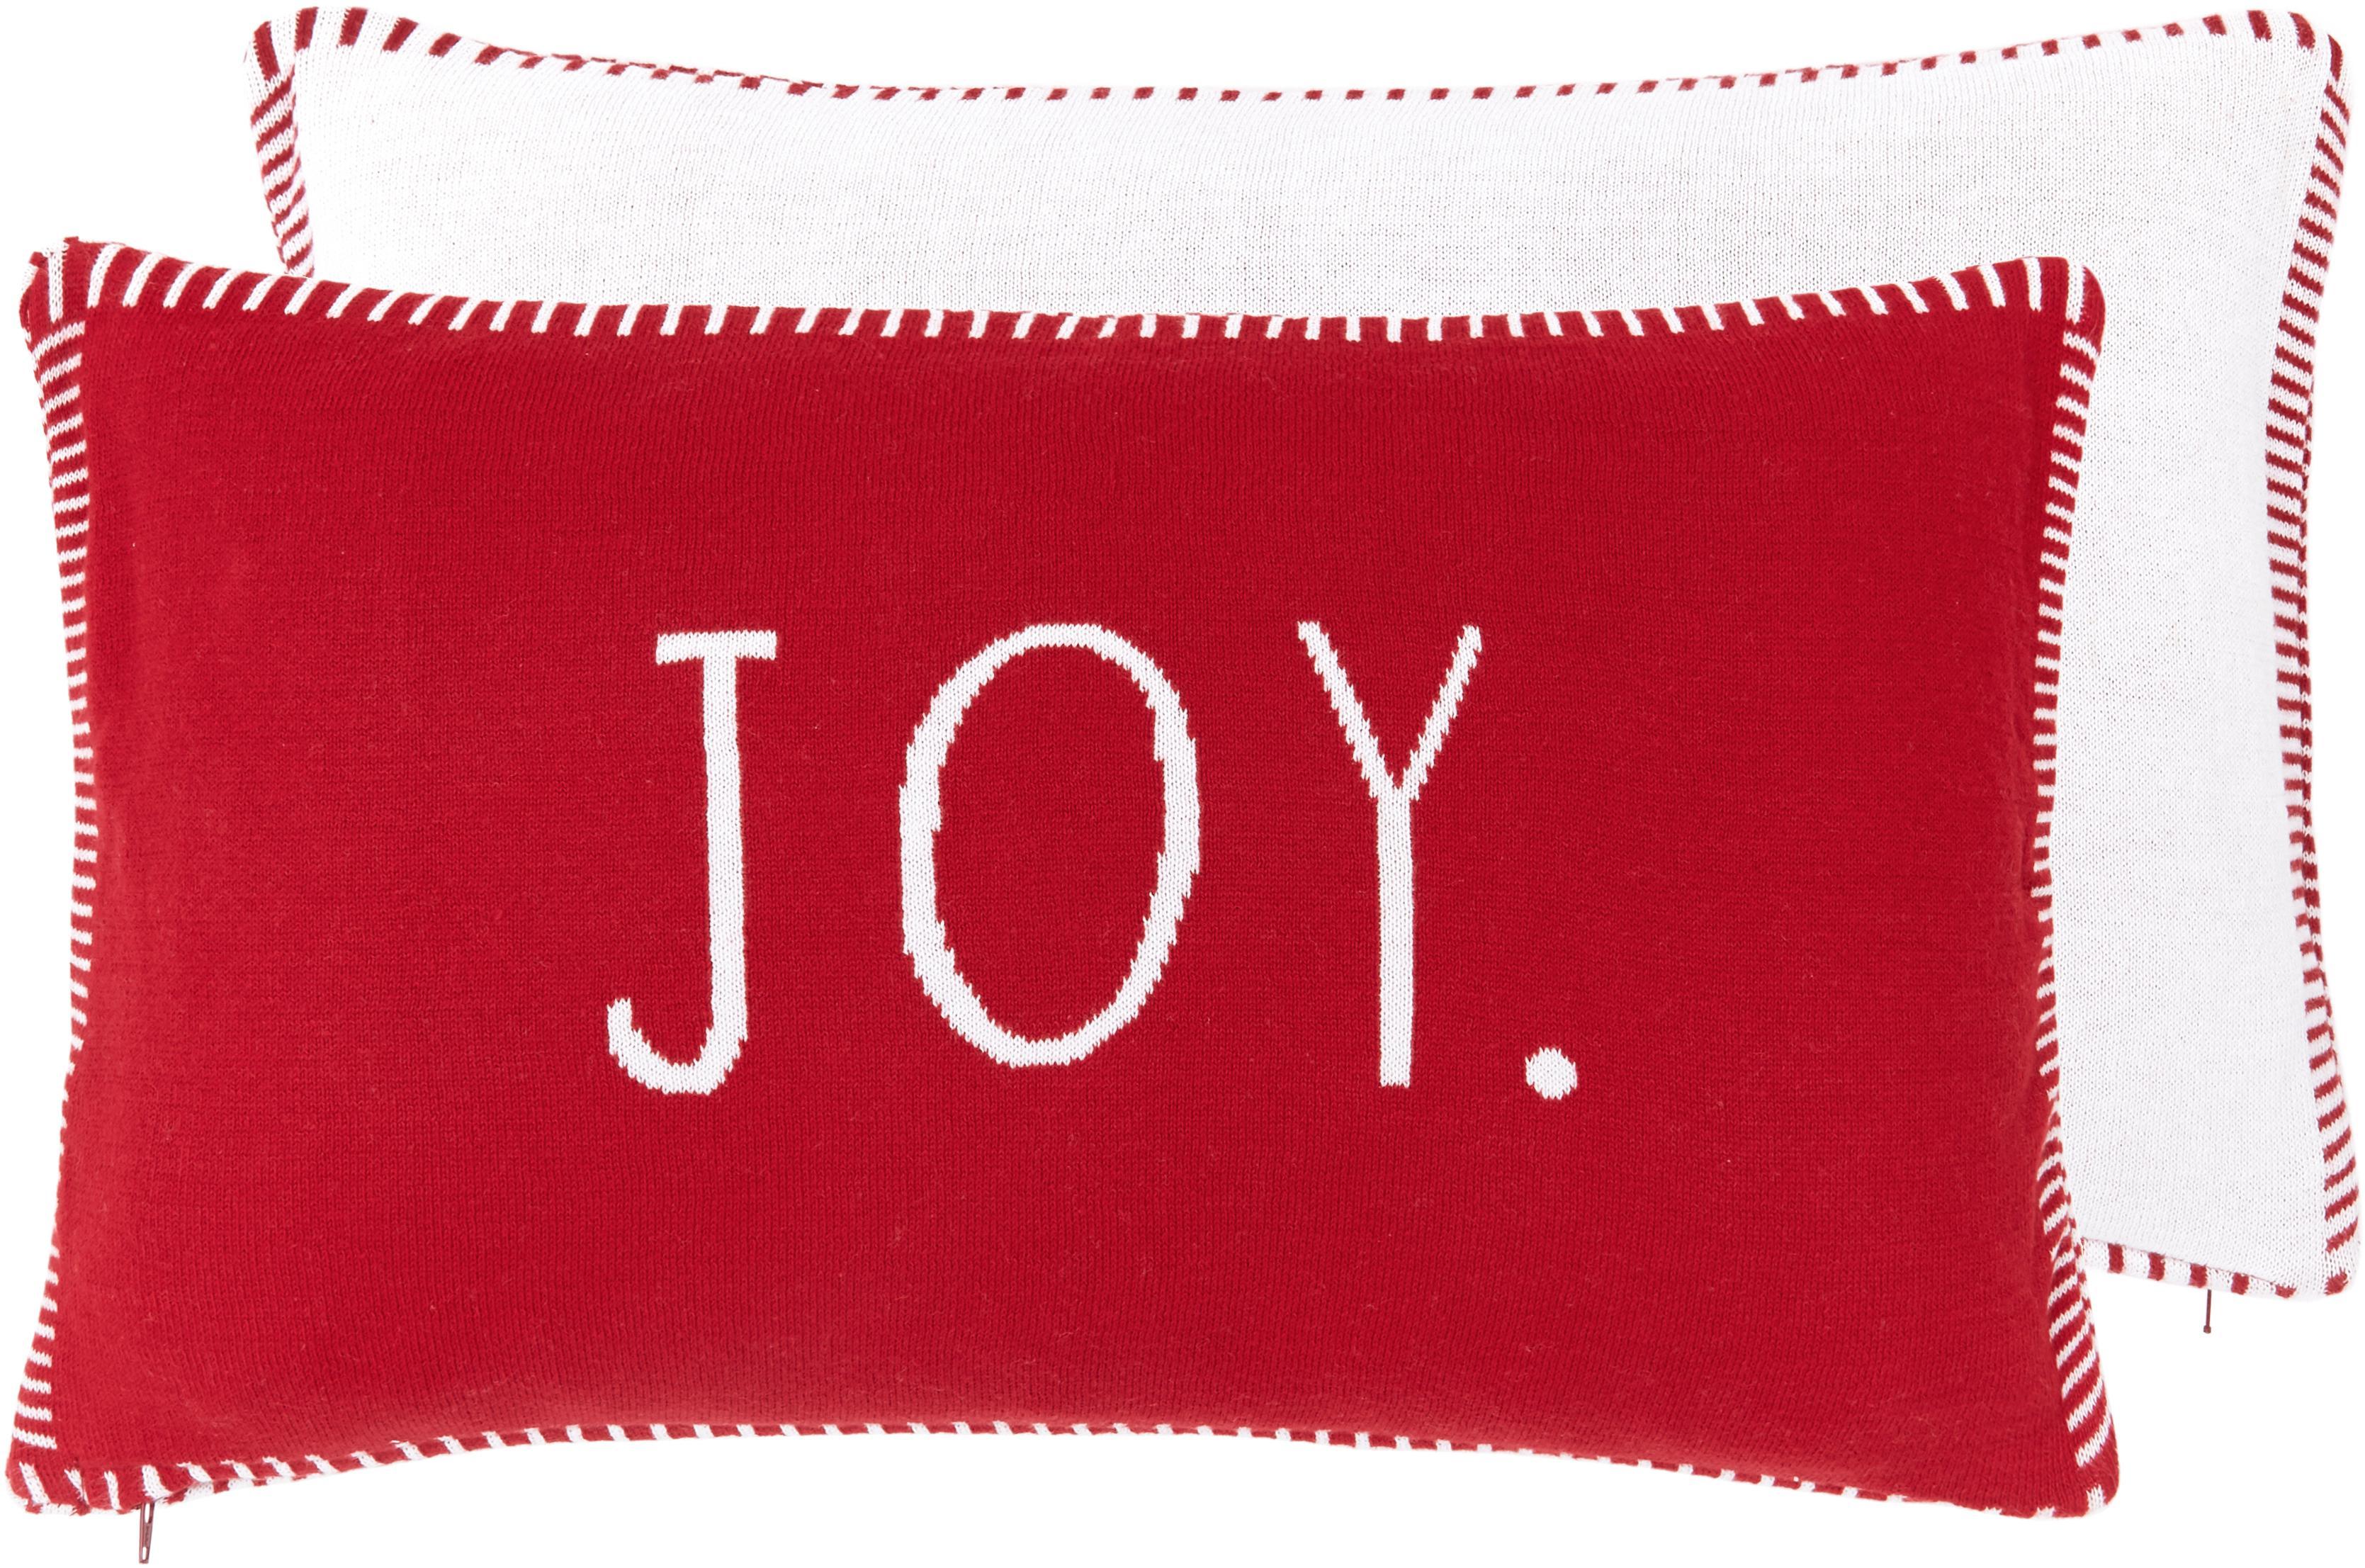 Federa reversibile fatta a maglia fine Jolanda, 100% cotone, Rosso, bianco crema, Larg. 30 x Lung. 50 cm